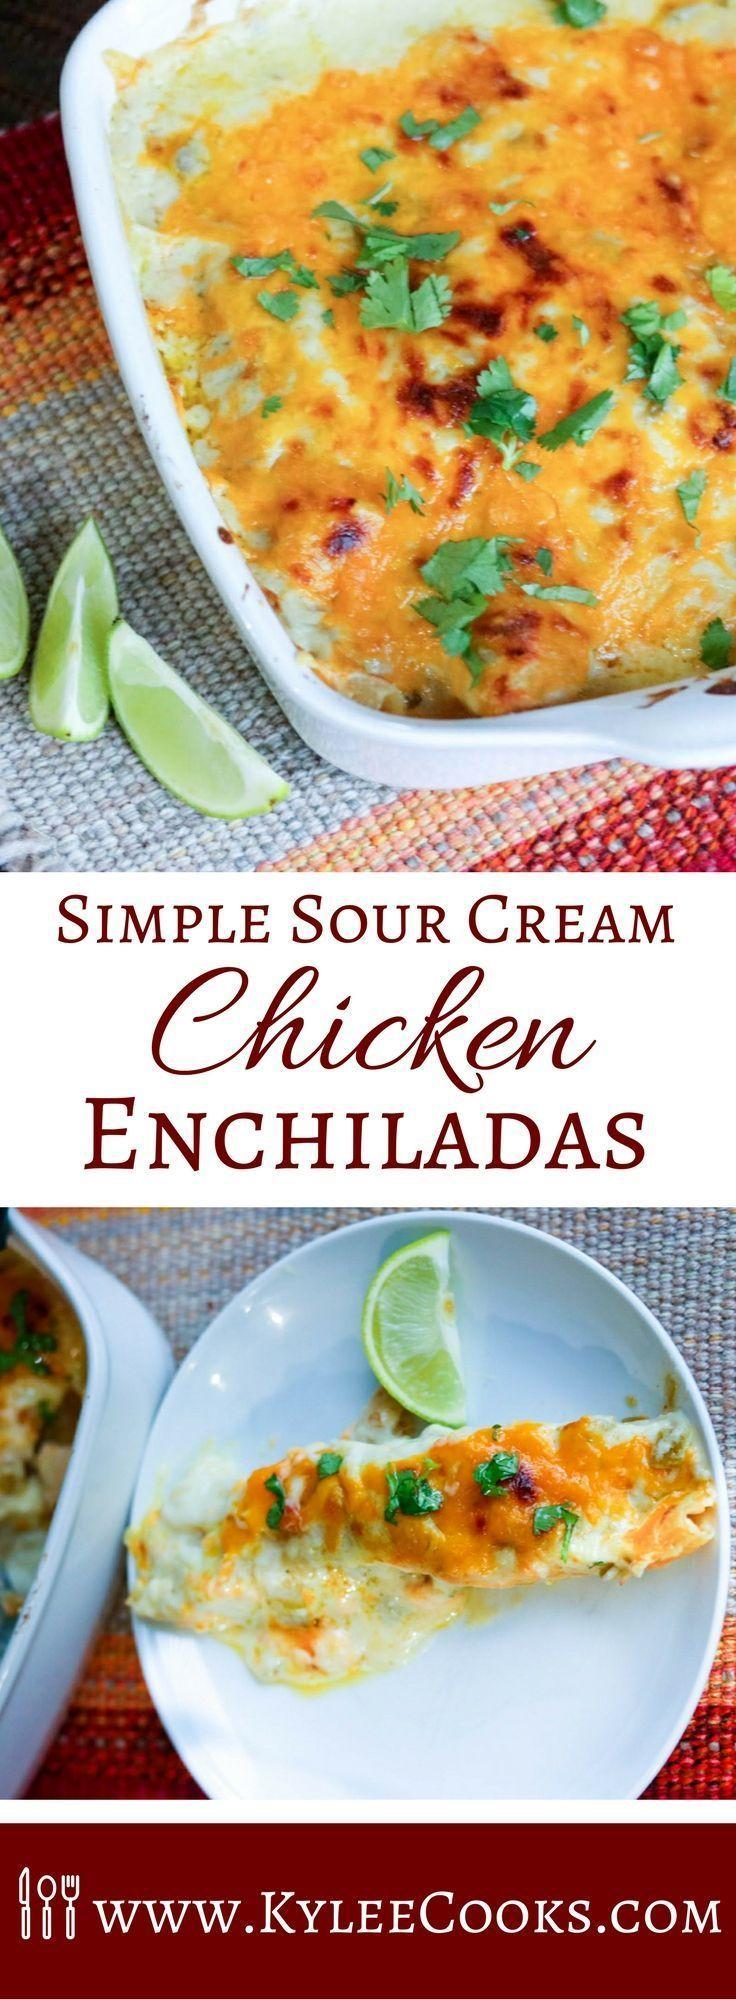 sour cream sauce recipe for enchiladas